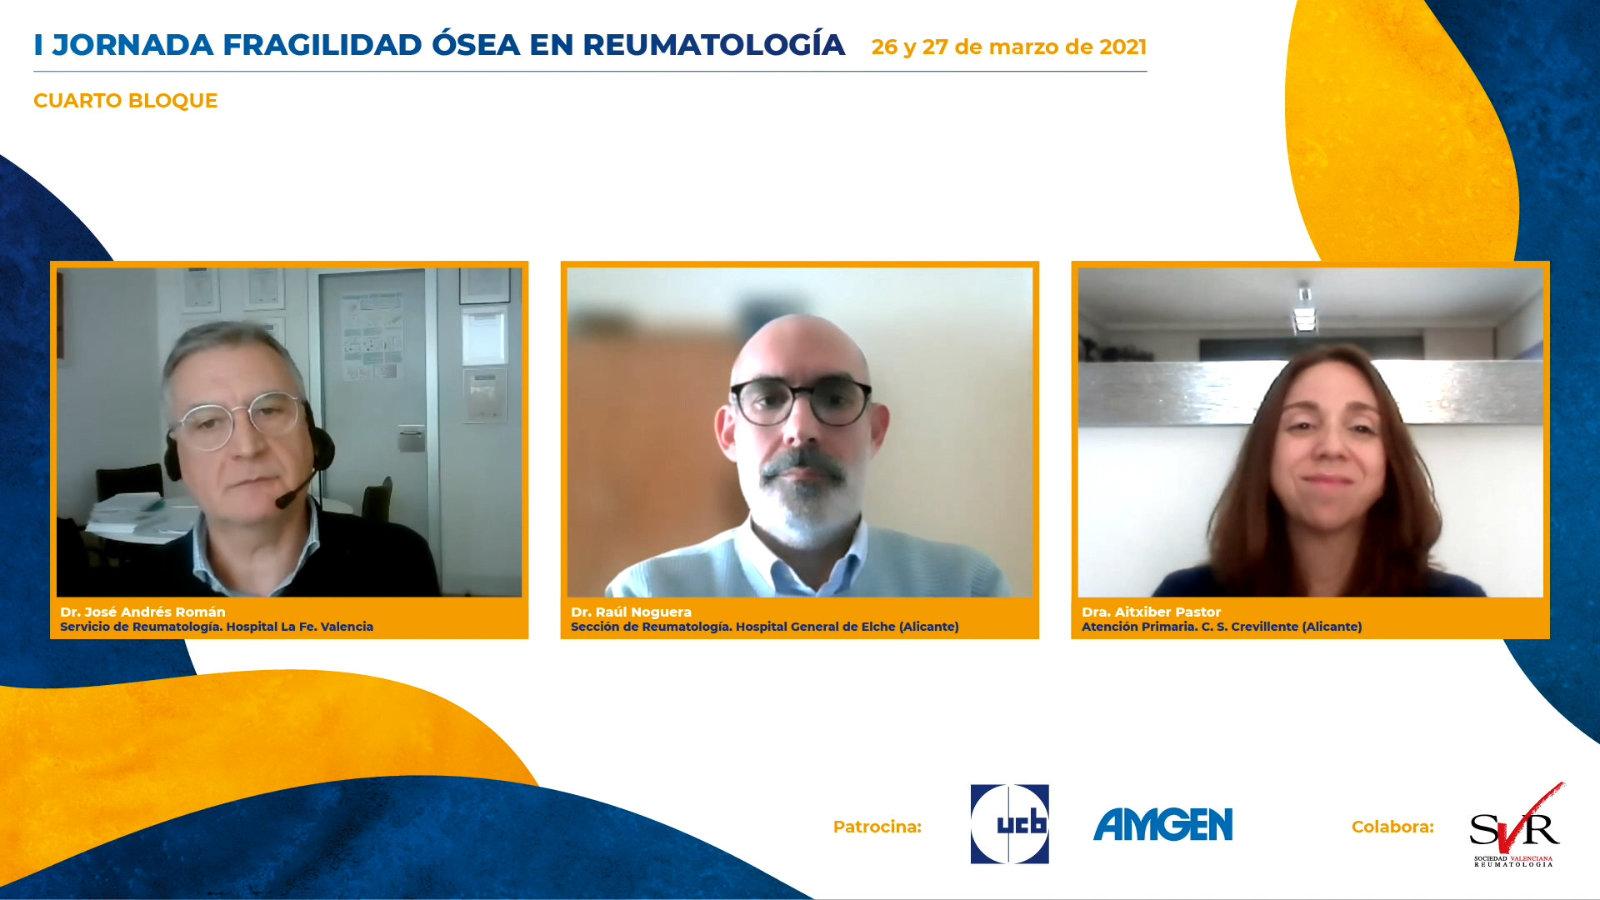 I Jornada Fragilidad Ósea en Reumatología 2021: Cuarto bloque